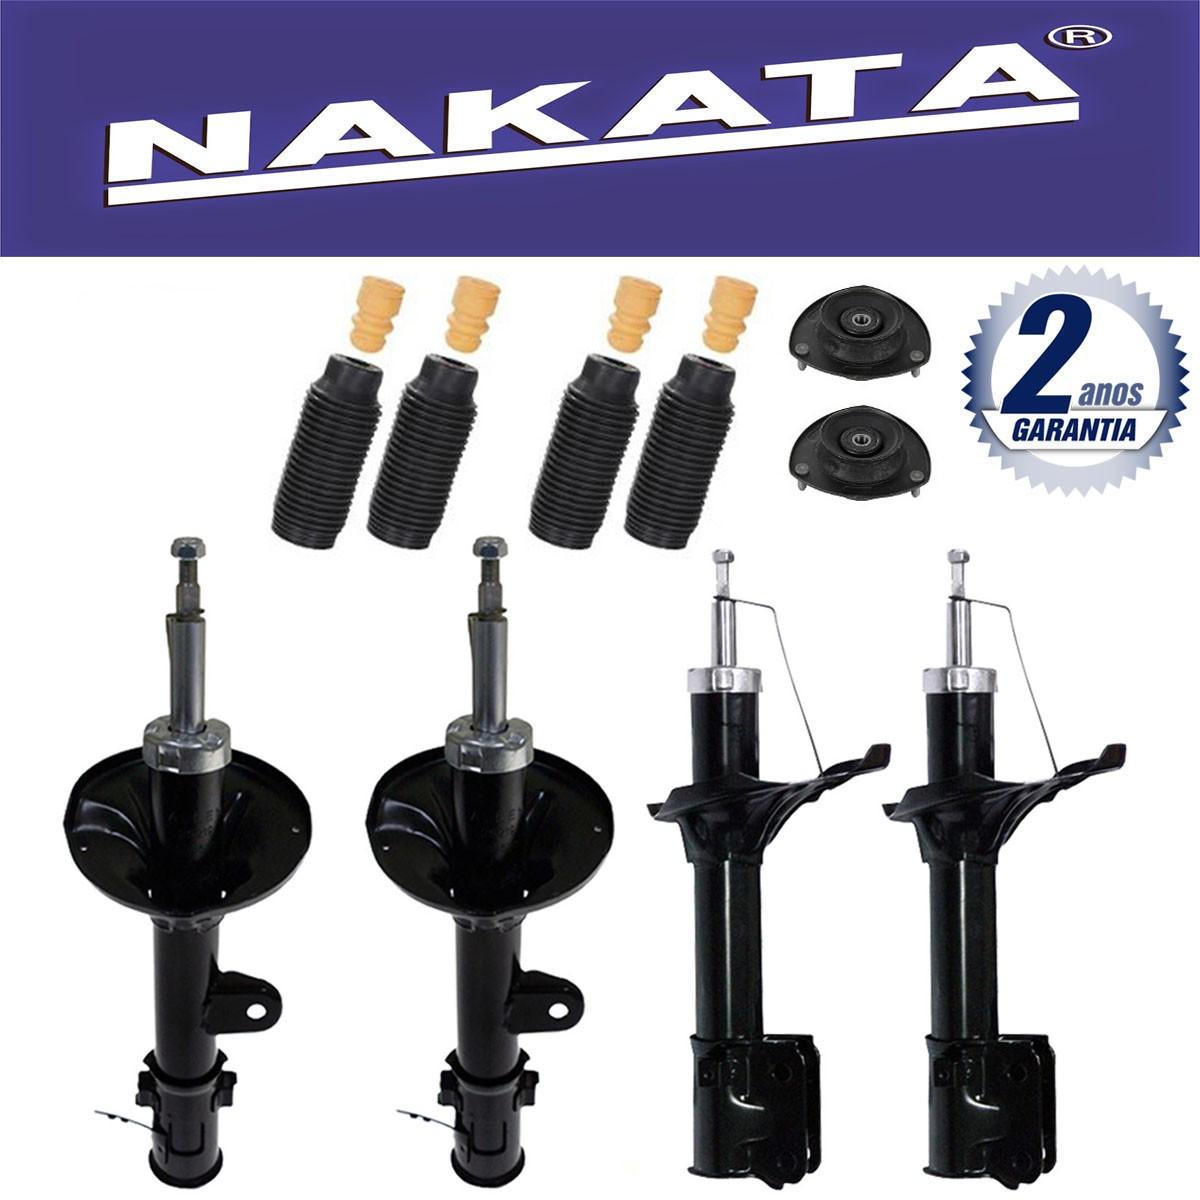 Jogo 04 Amortecedores Nakata Hyundai Tucson 2005 Até 2014 Sportage 2006 Até 2010 + Kit da Suspensão